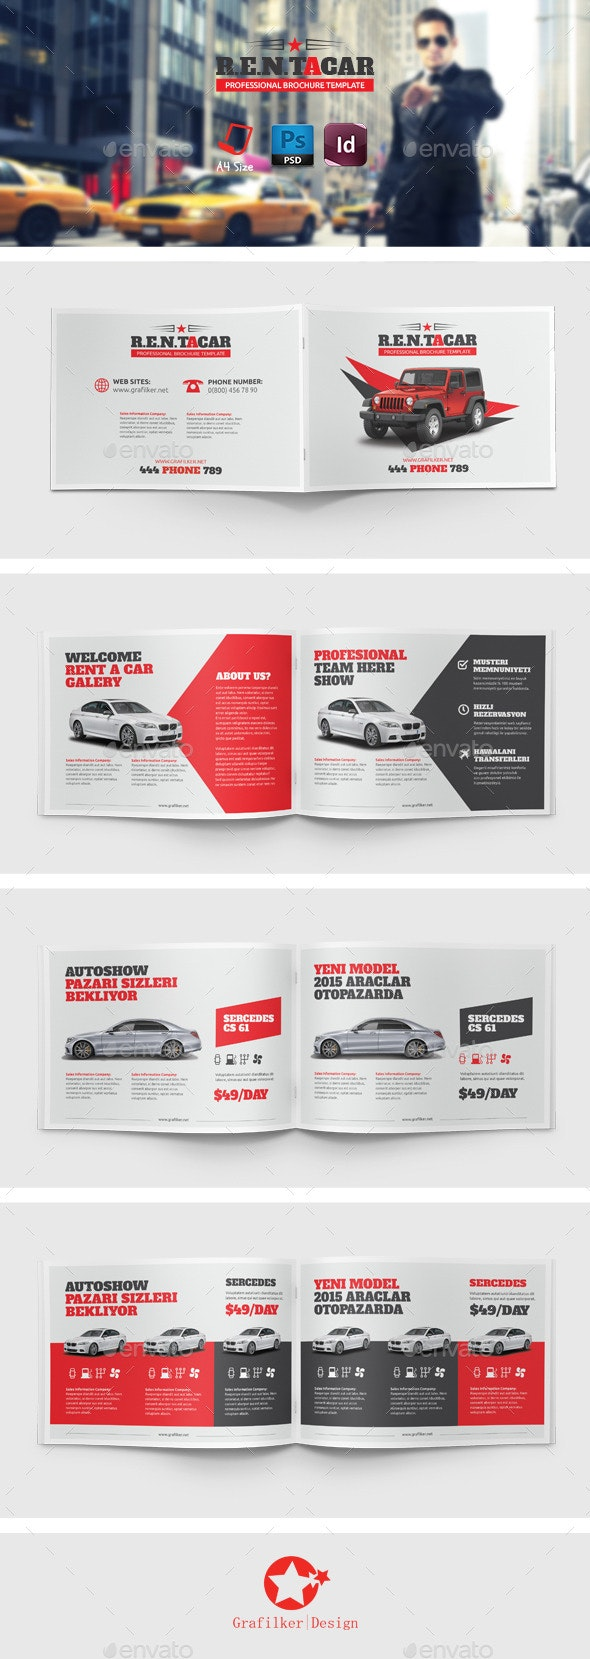 Rent A Car Brochure Templates - Brochures Print Templates